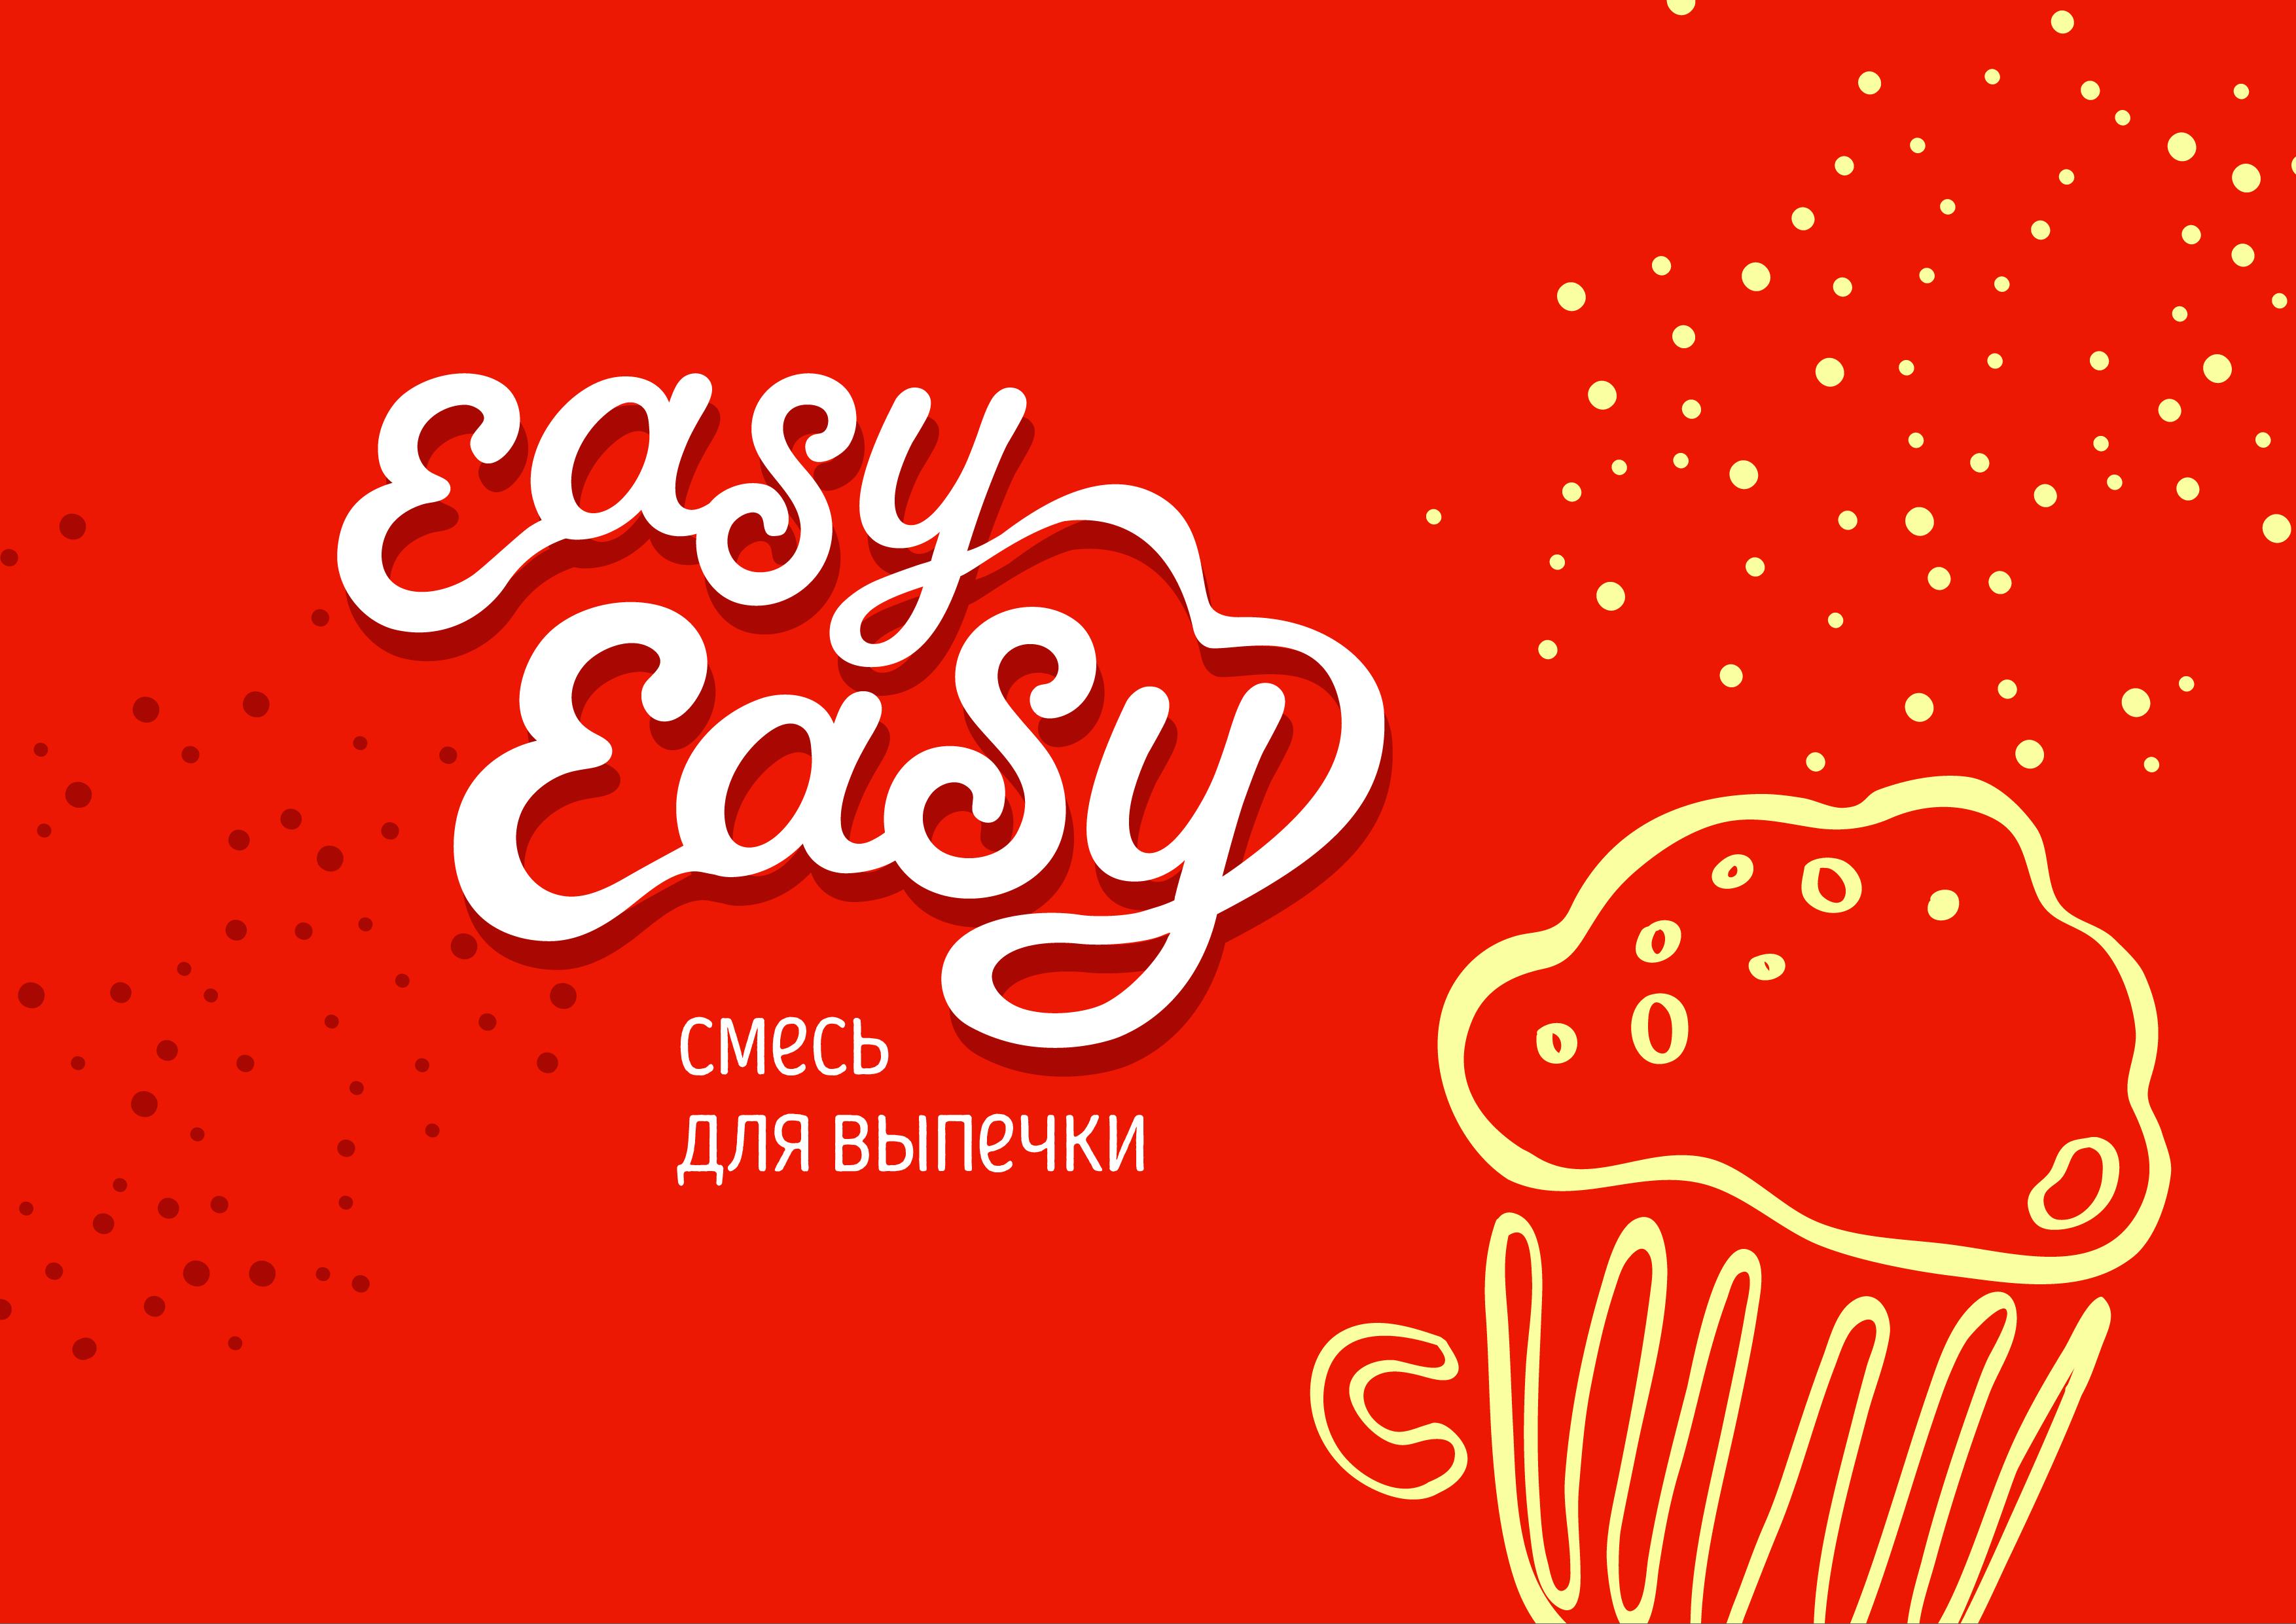 Easy easy / Смесь для выпечки